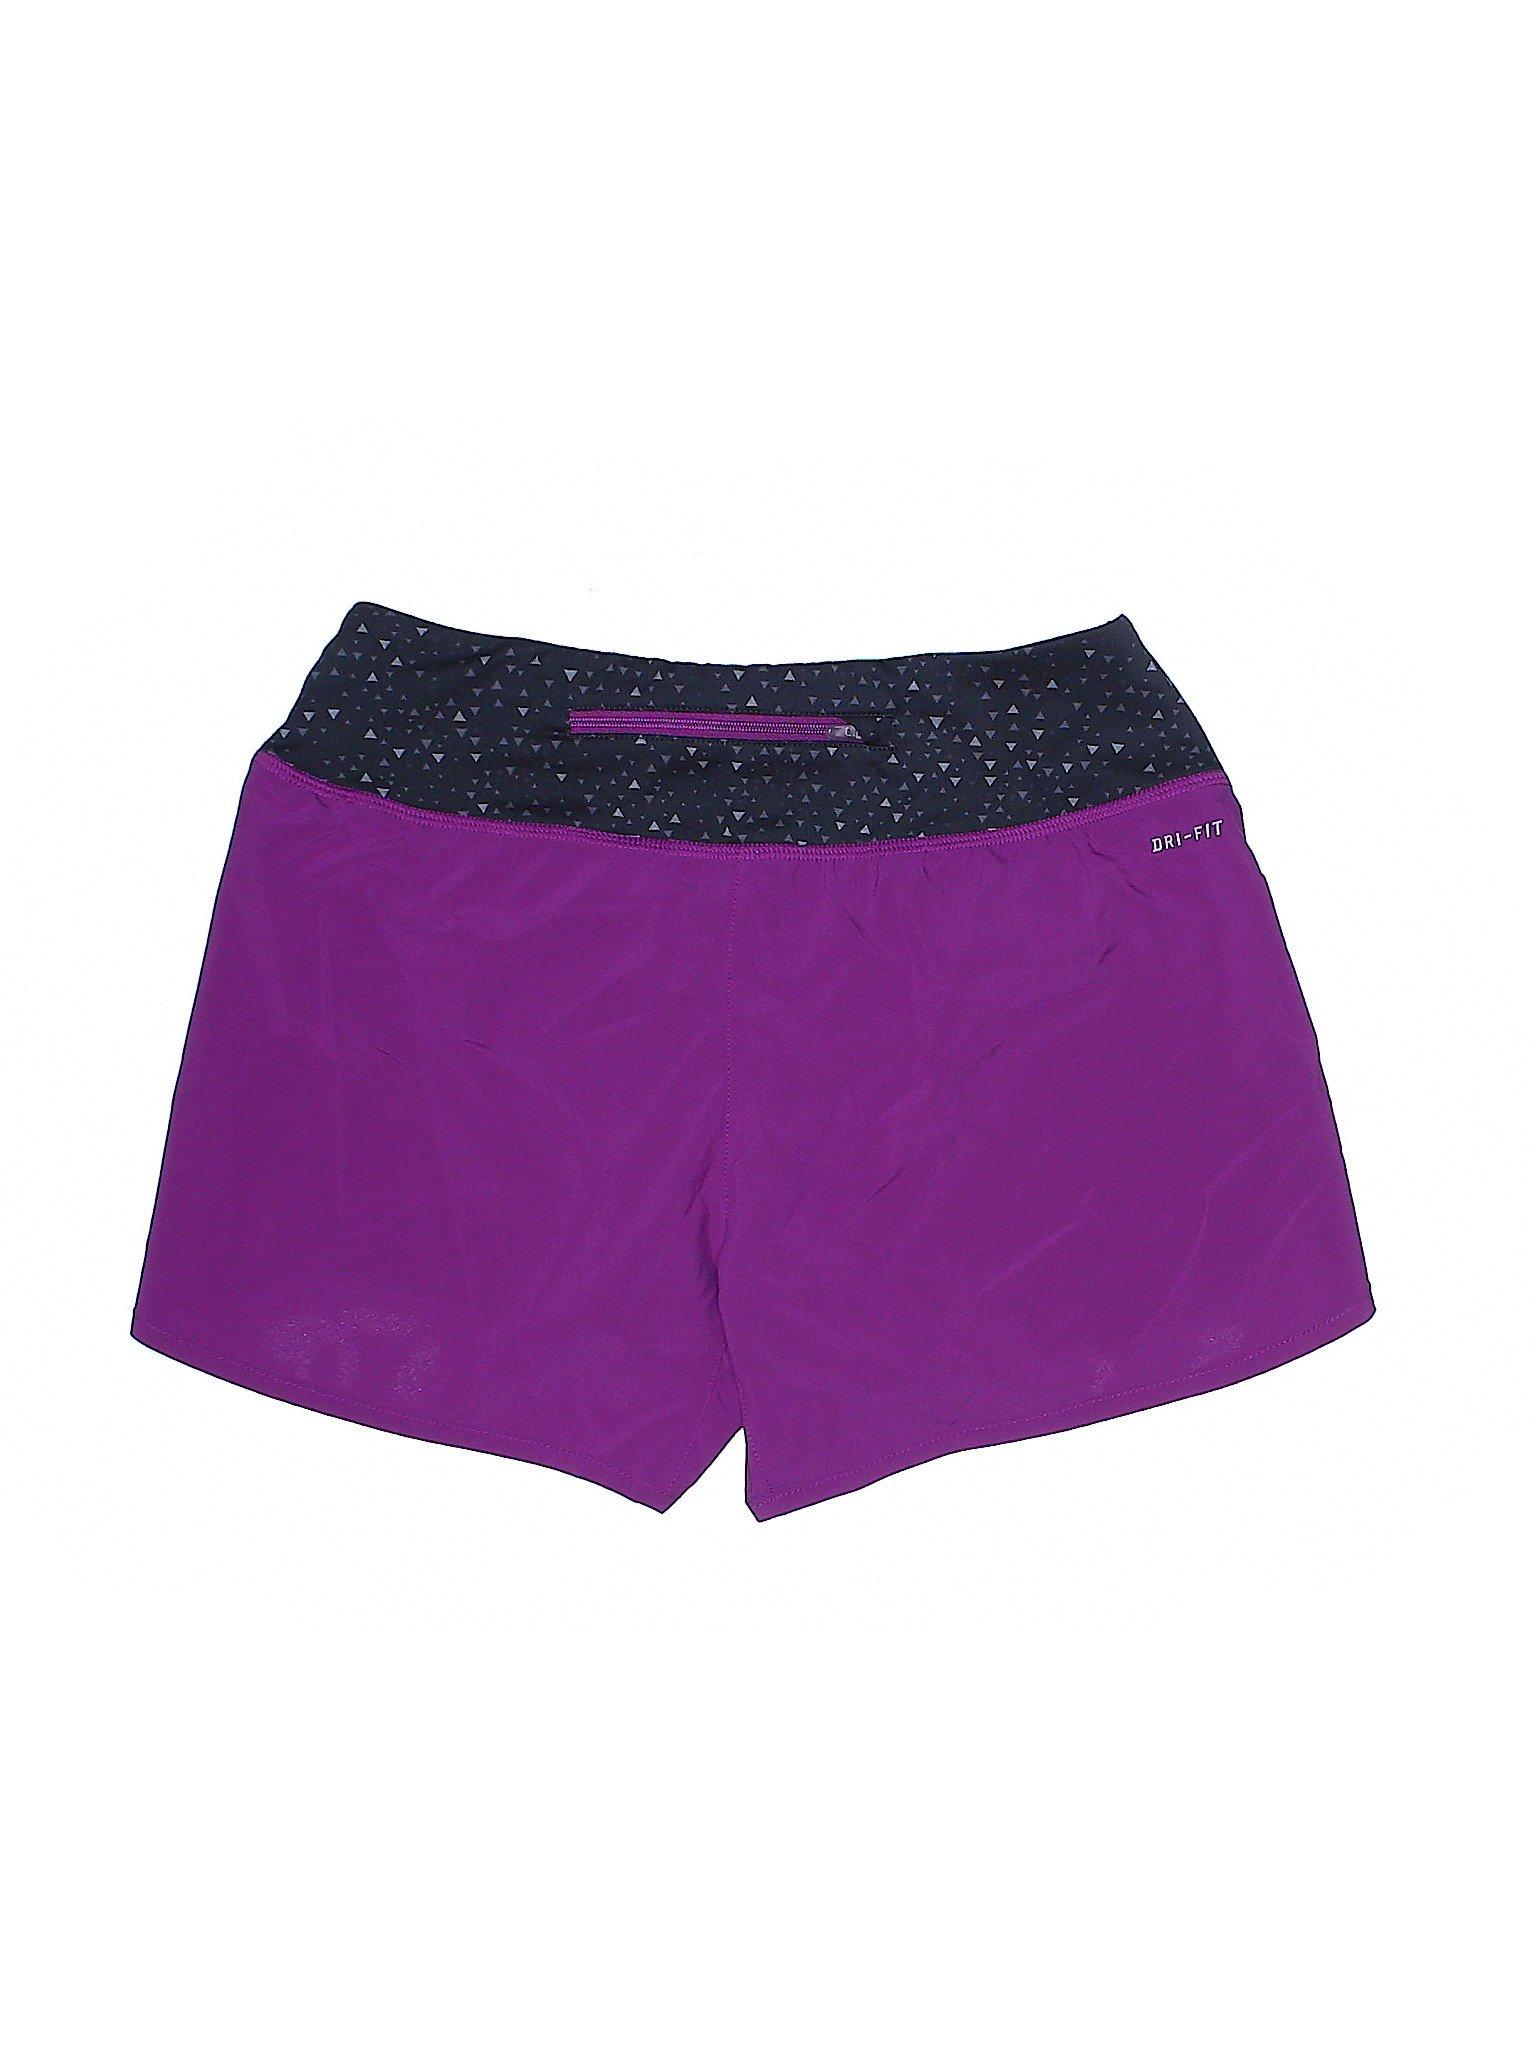 Boutique Athletic Athletic Boutique Nike Shorts Nike Boutique Shorts Nike Athletic Shorts aSqarxUt